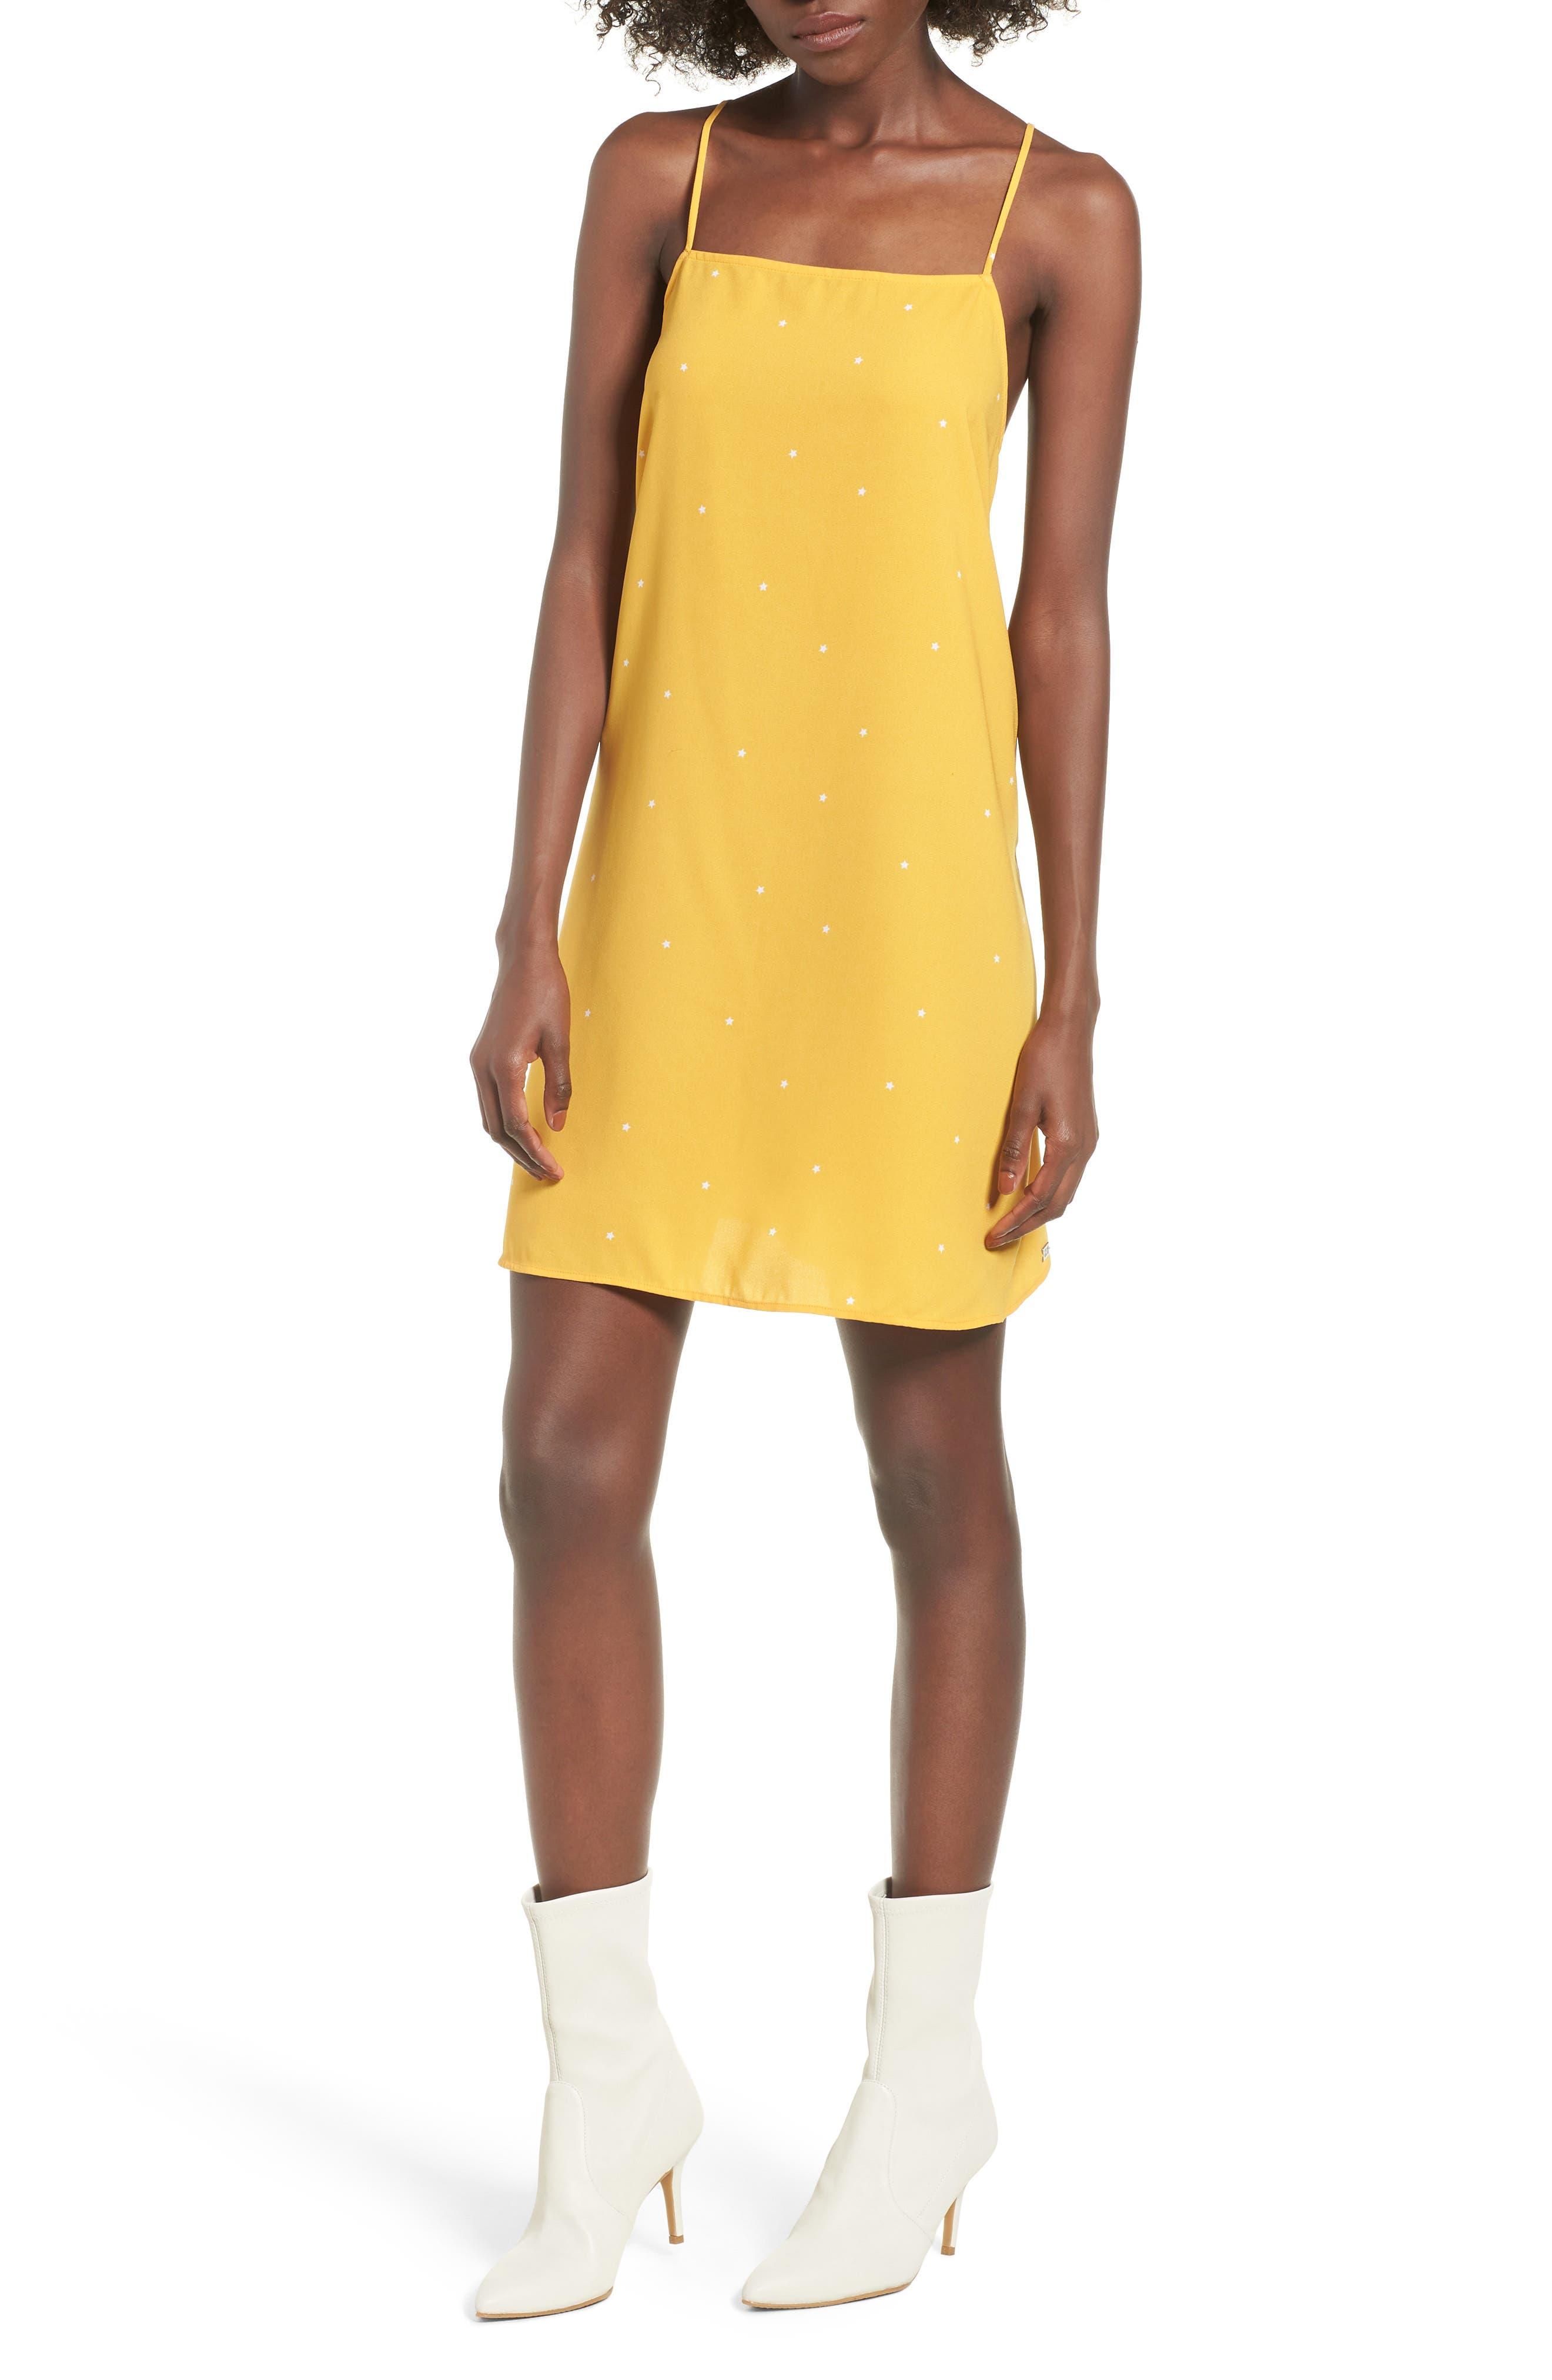 Mental 4 Metal Star Print Dress,                         Main,                         color, Citrus Gold